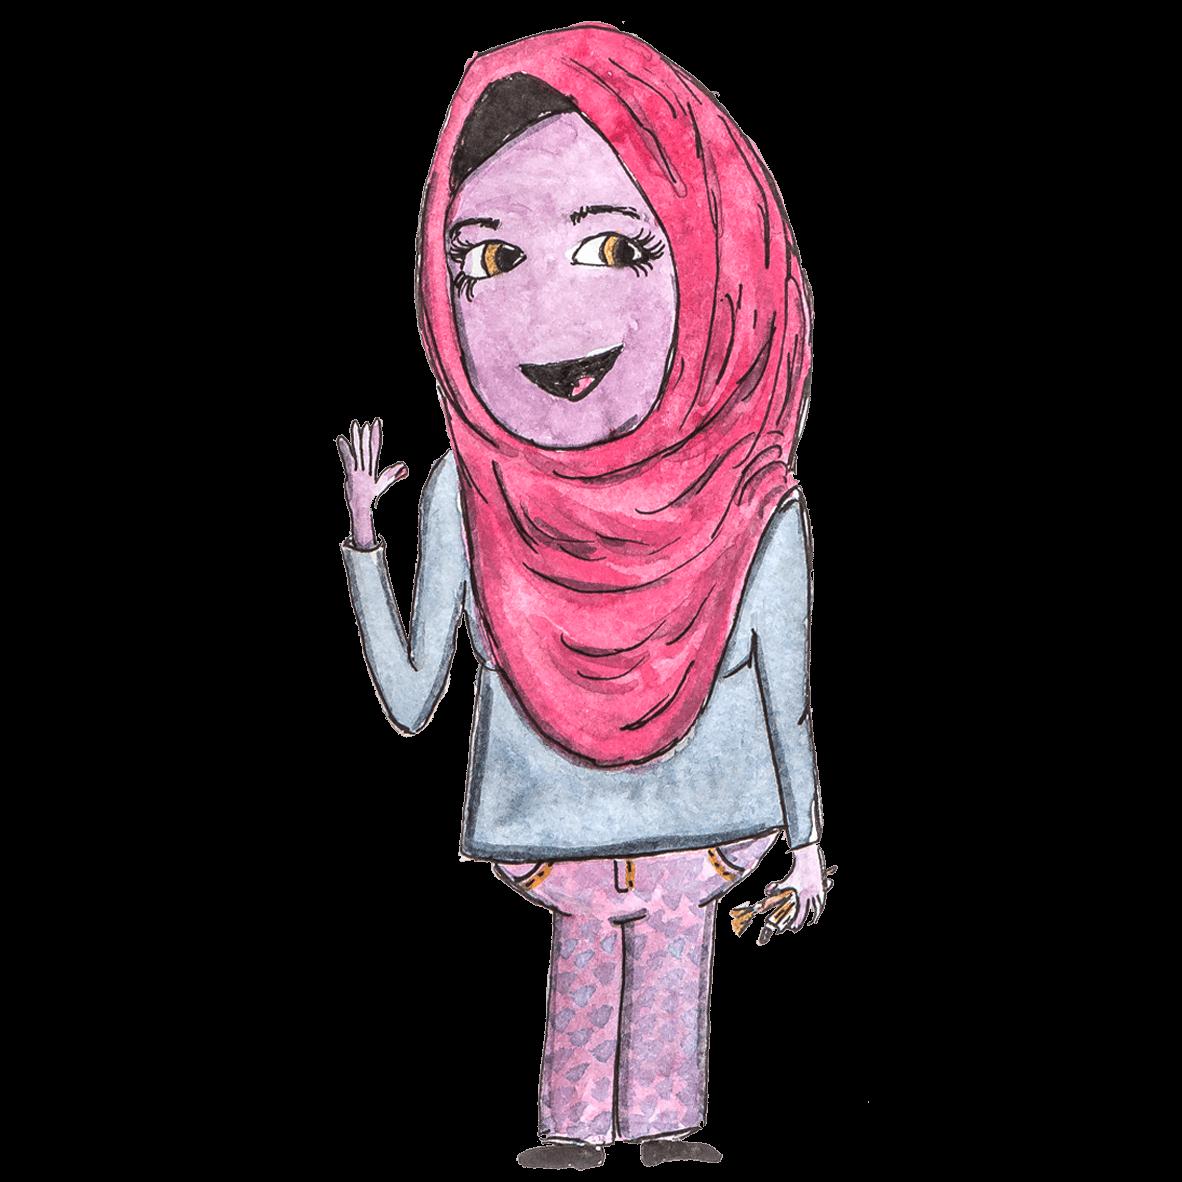 Ein lila Wesen mit rotem Hijab hebt die linke Hand zum Gruß und in der anderen Hand hält sie ein paar Stifte: Iman Shaaban